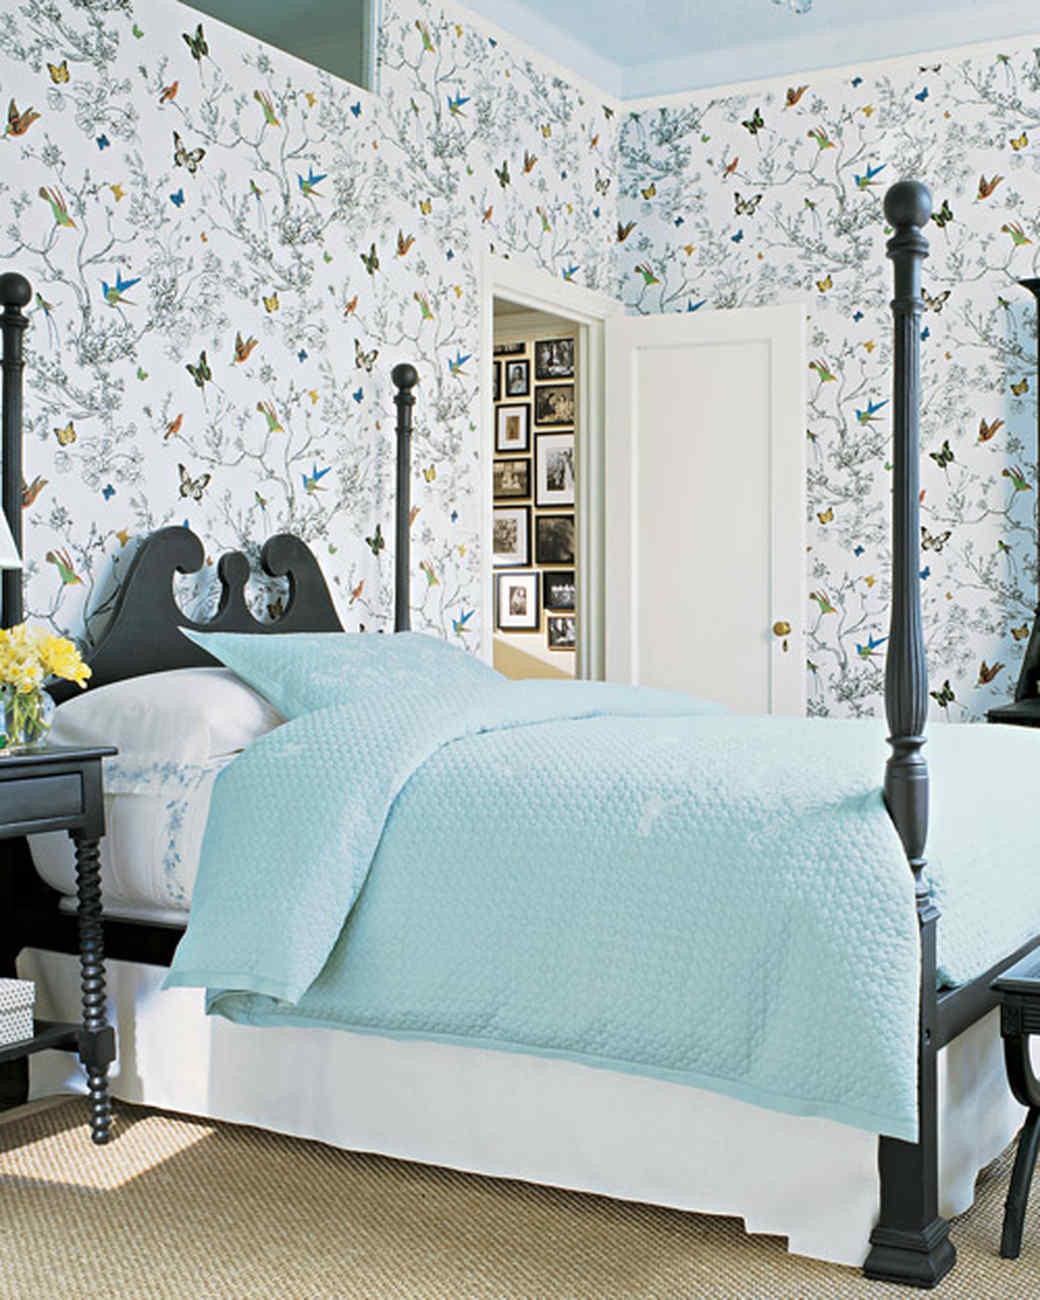 Blue rooms martha stewart for Blue patterned wallpaper bedroom